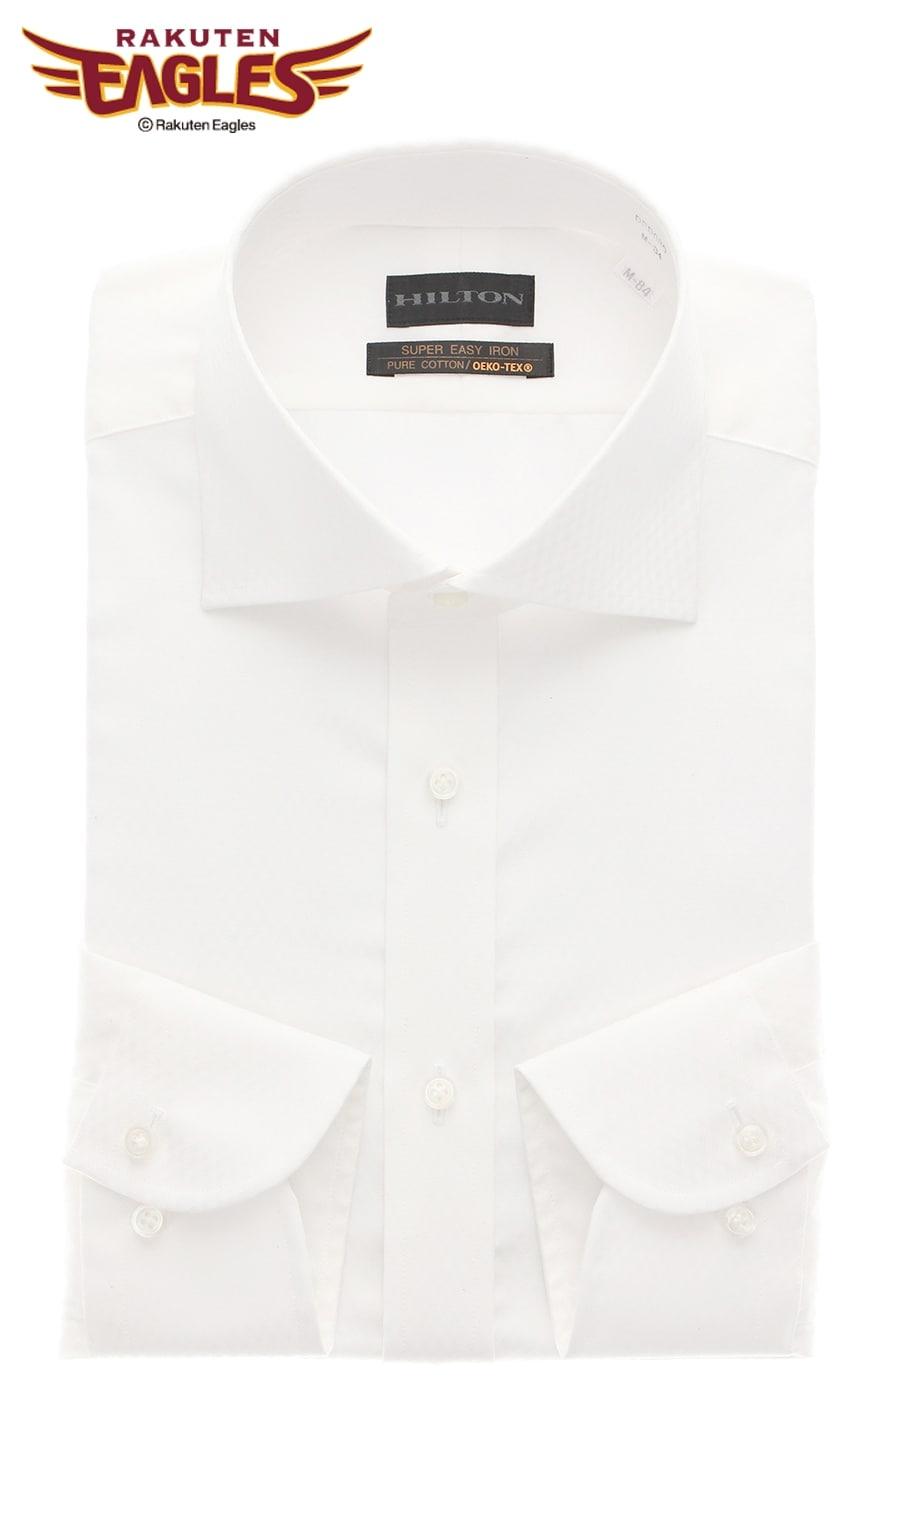 ワイドカラーワイシャツ東北楽天ゴールデンイーグルスレプリカモデルHILTON